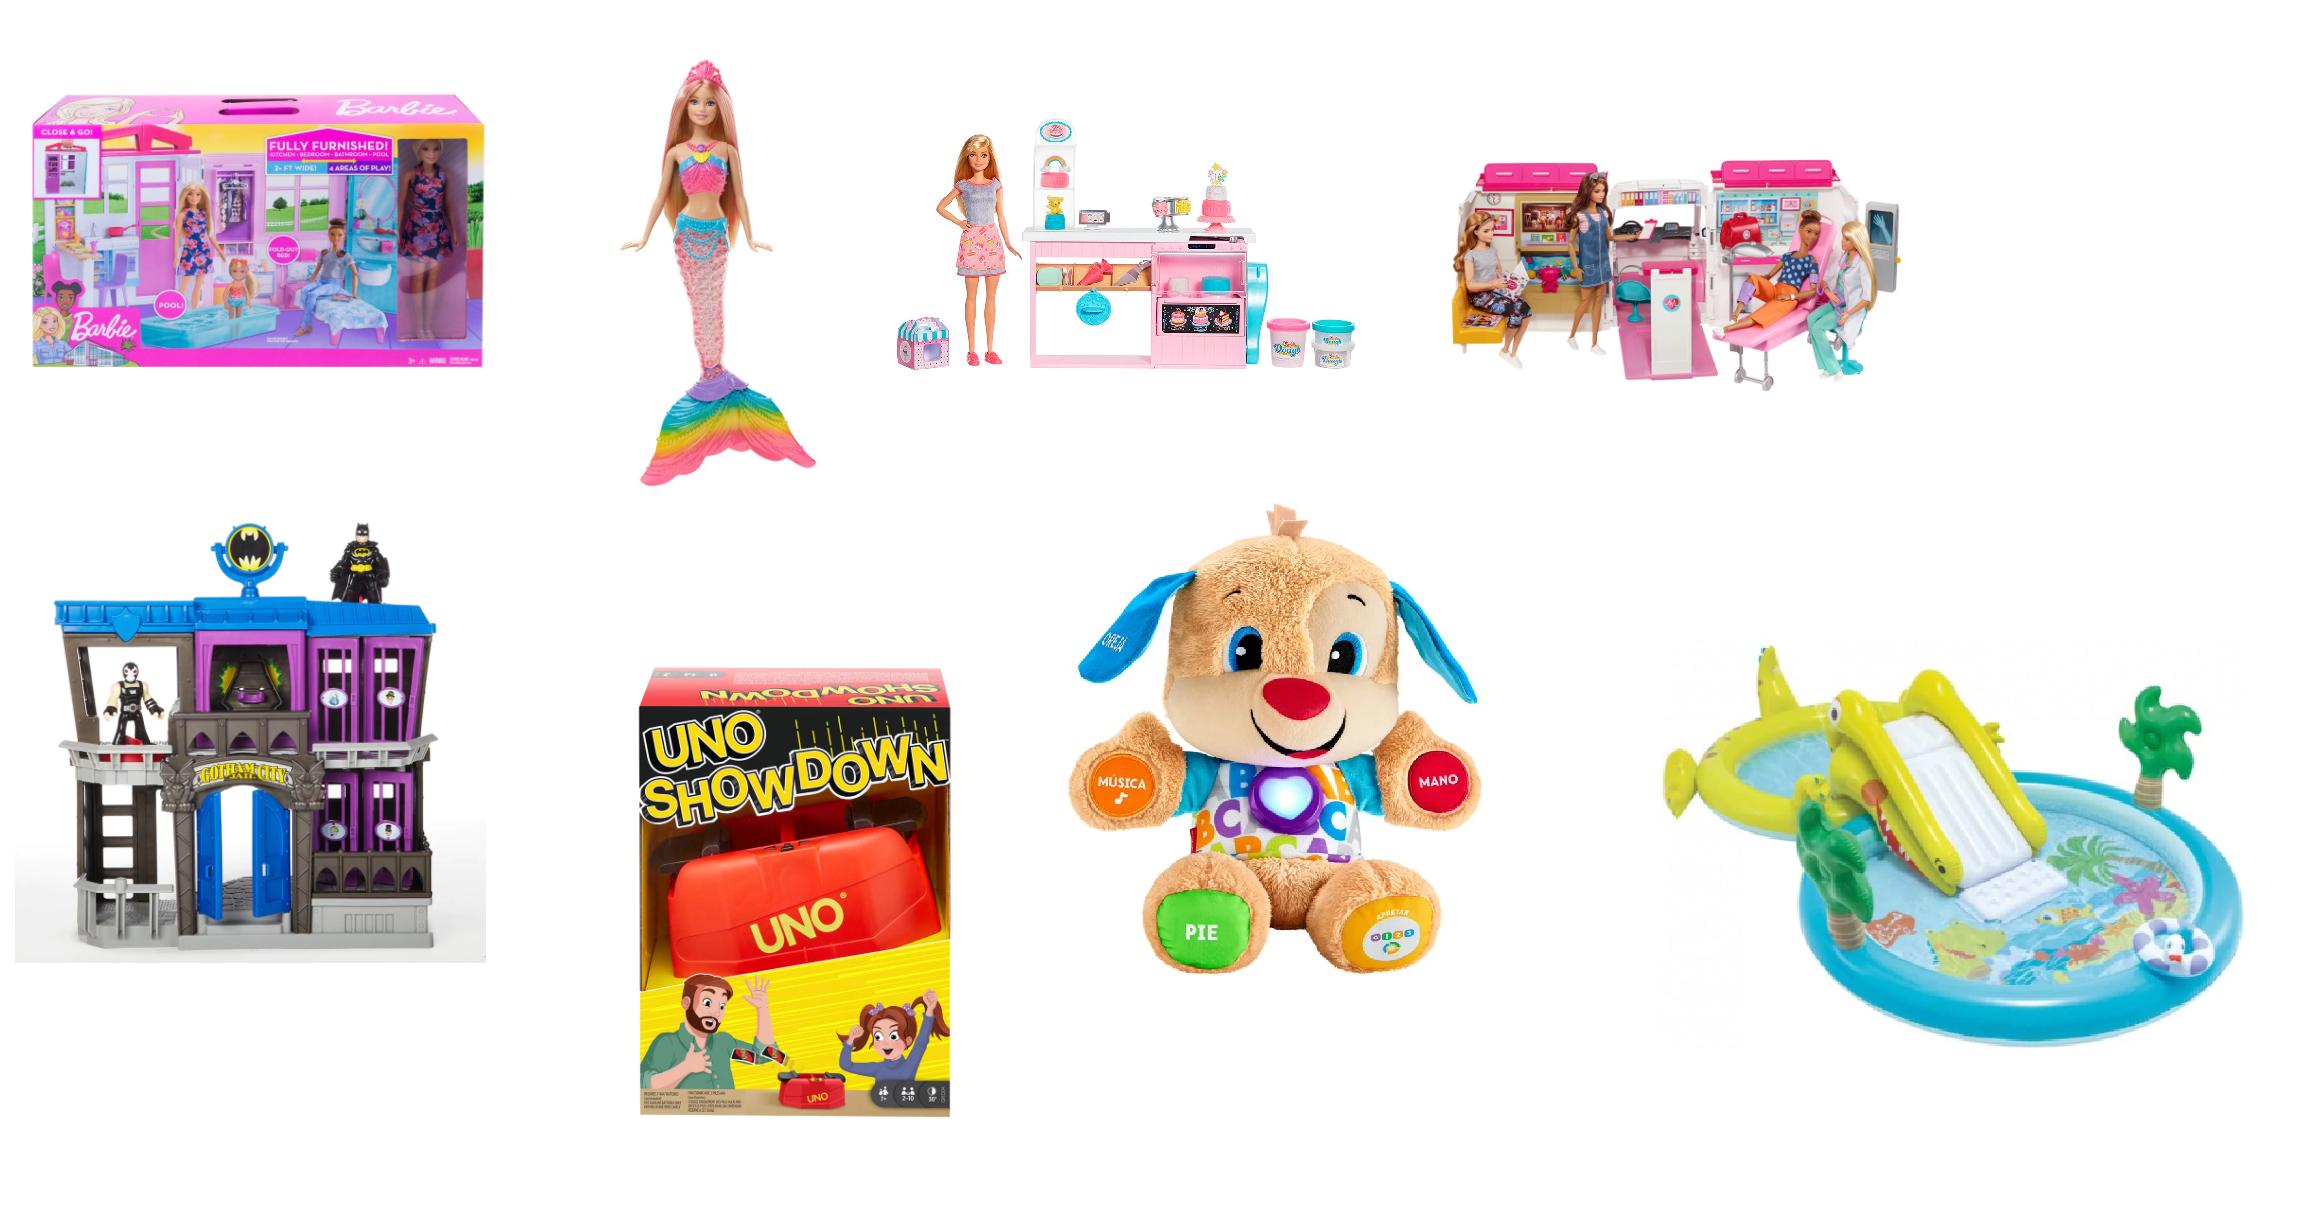 Descuentos en Juguetes Mattel, Lego, INTEX, Fisher Price y más desde AliExpress